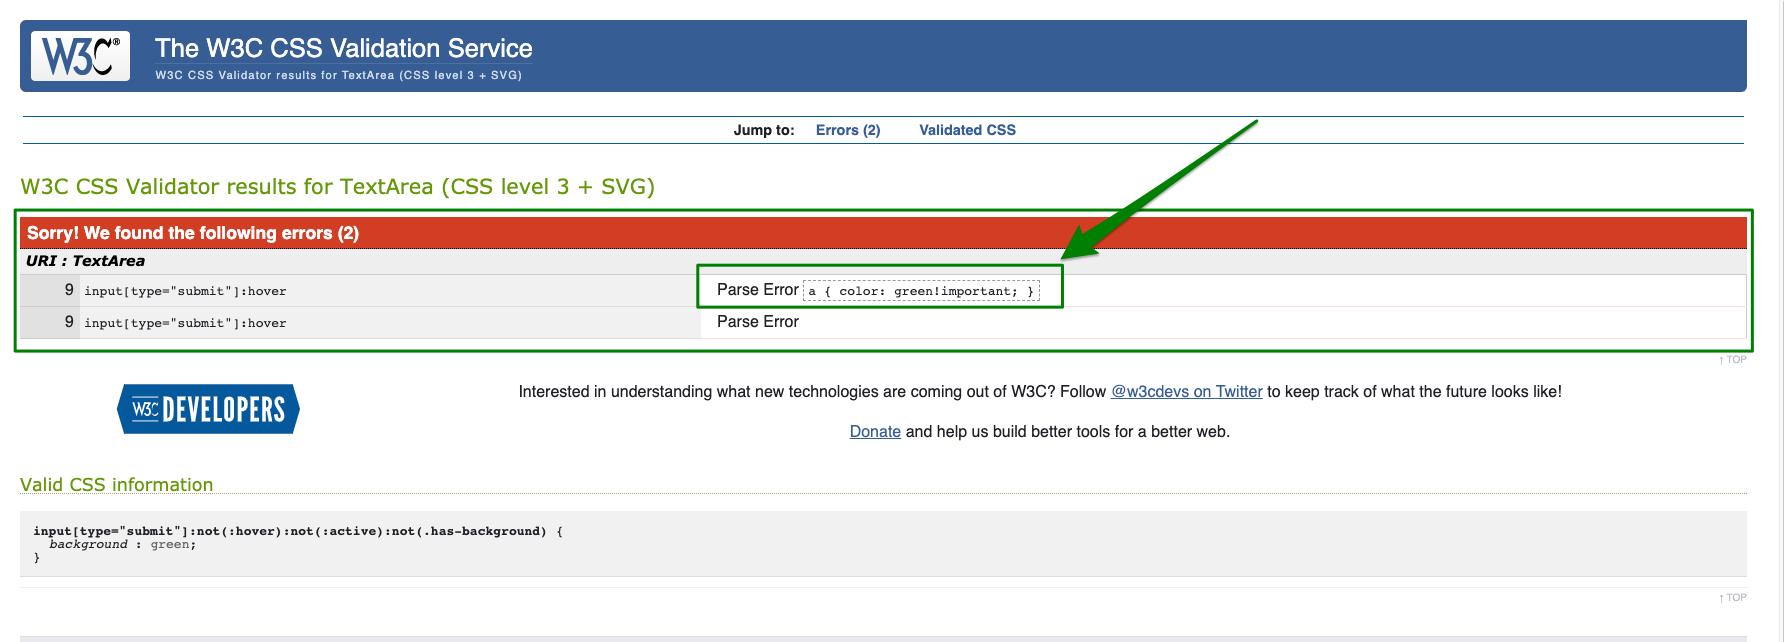 validator shows parse error elements